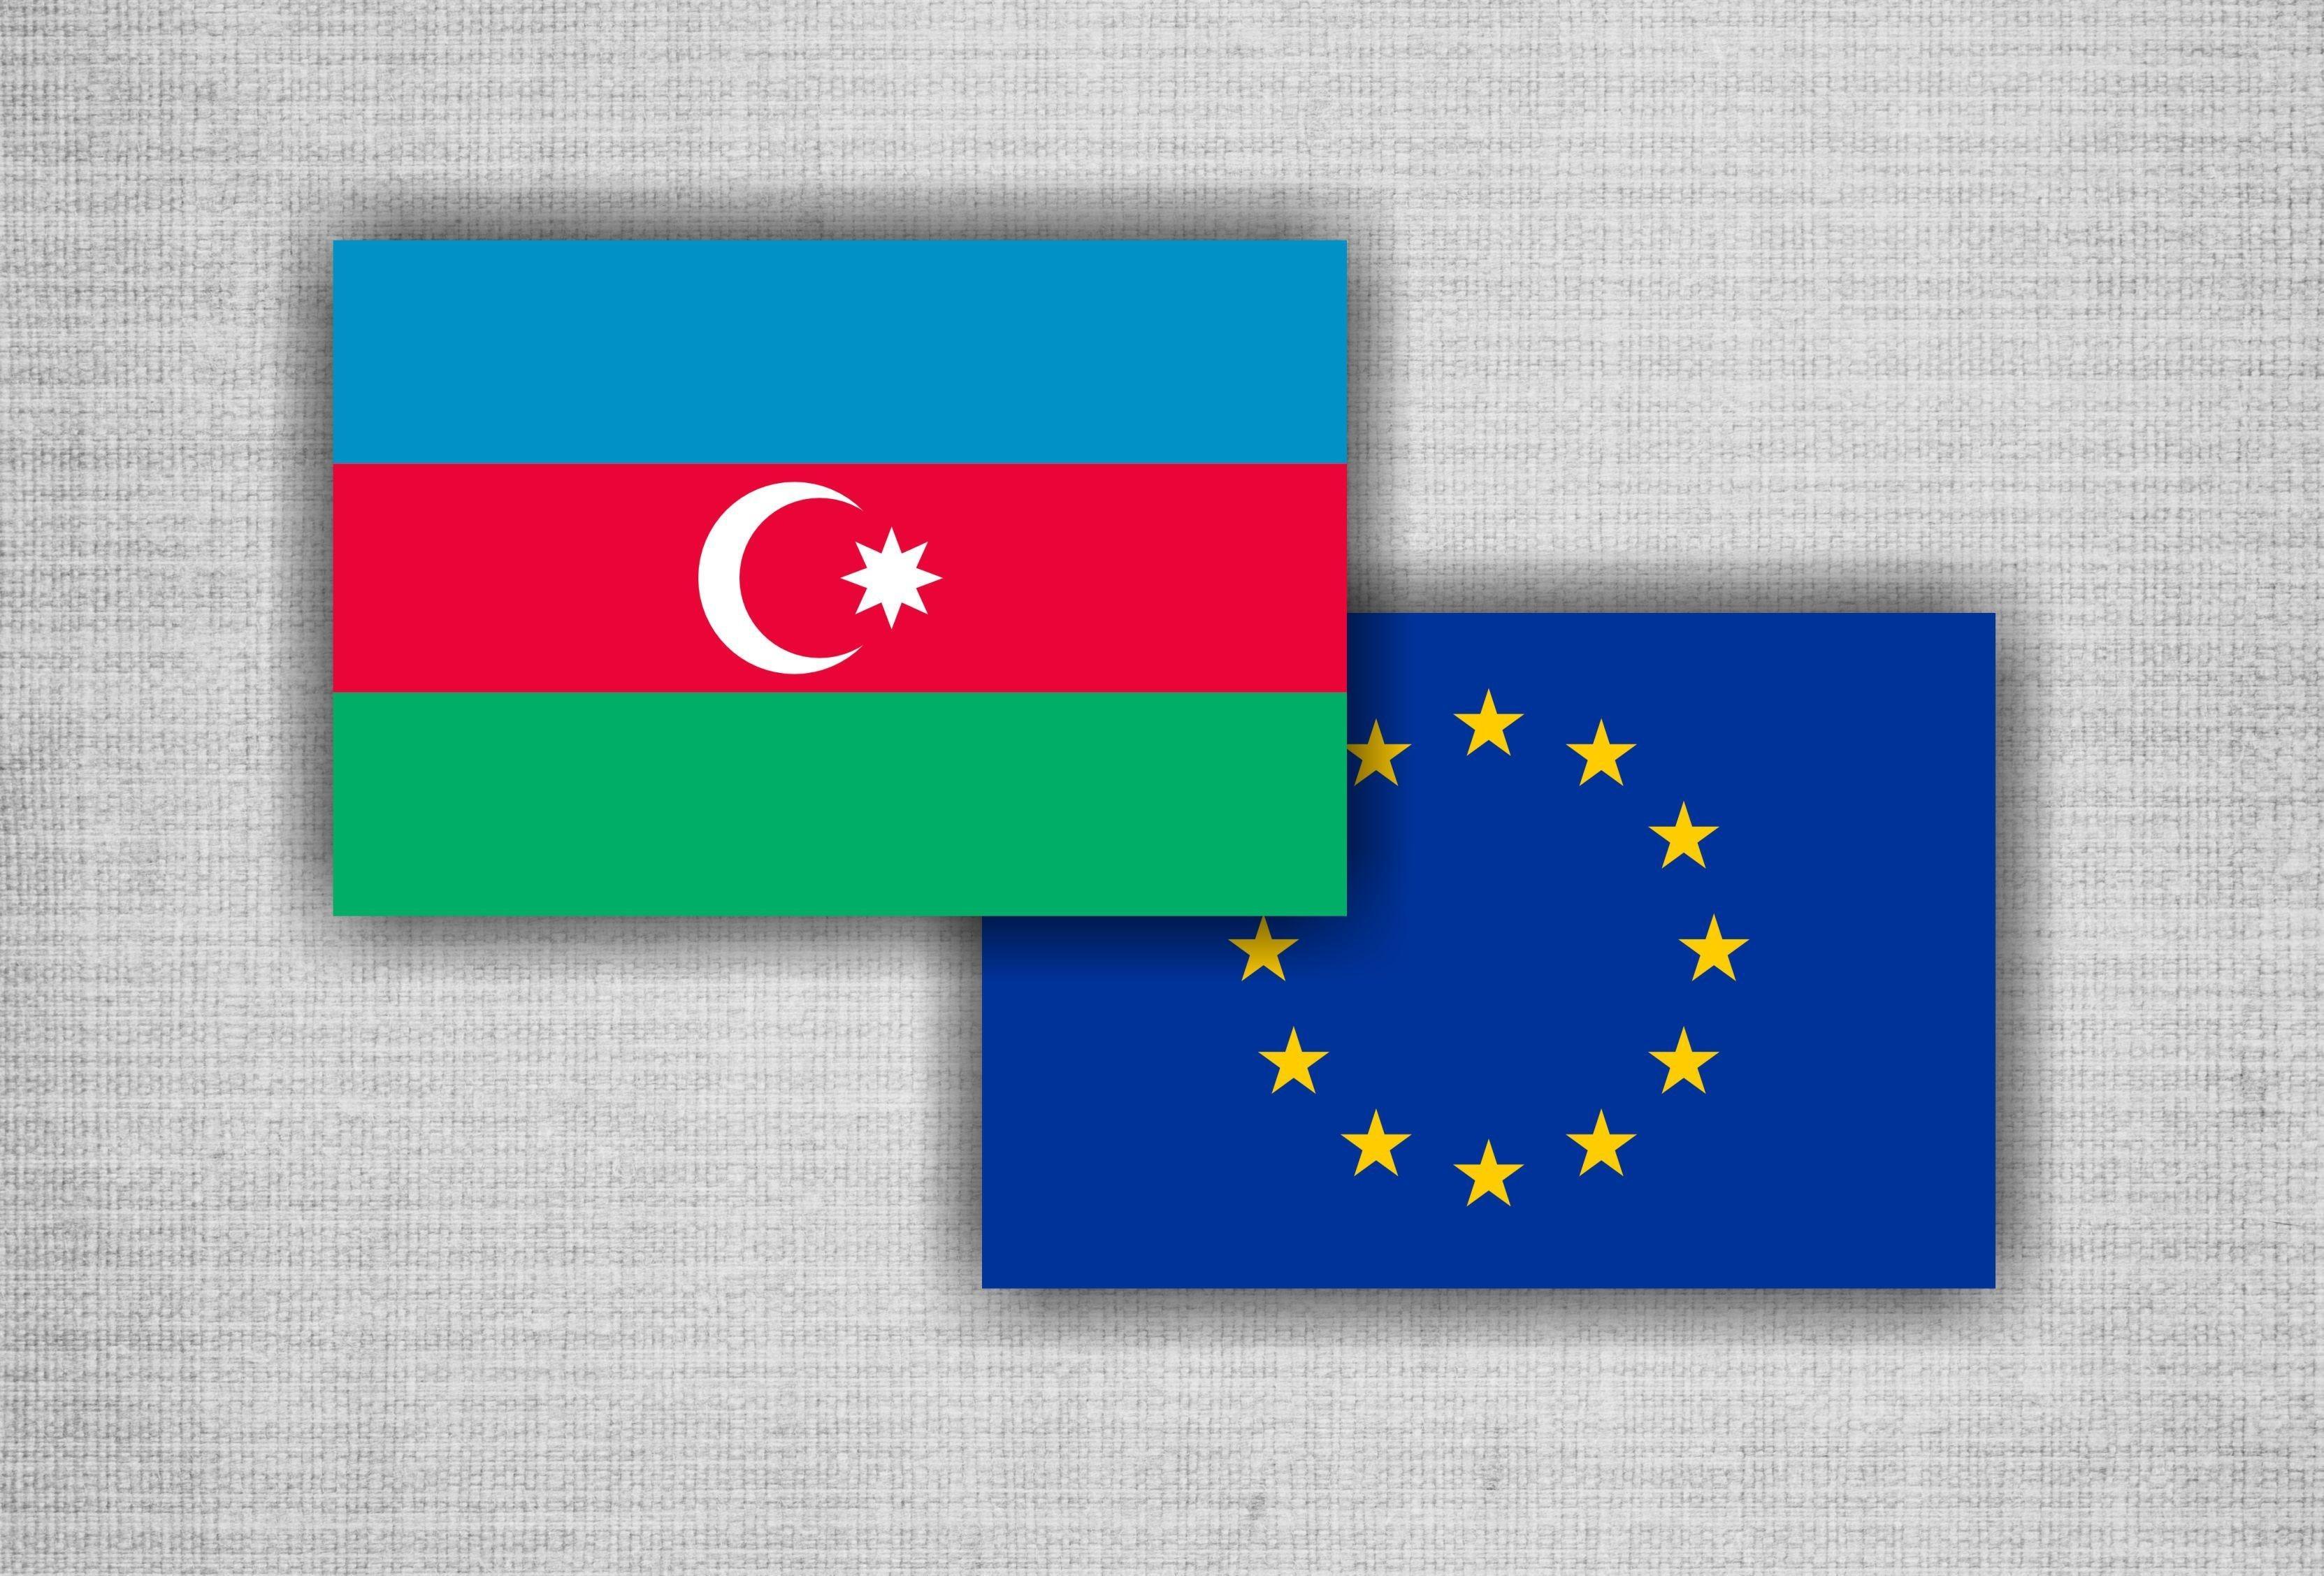 В Баку состоялось заседание Диалога по безопасности между Азербайджаном и Европейским Союзом